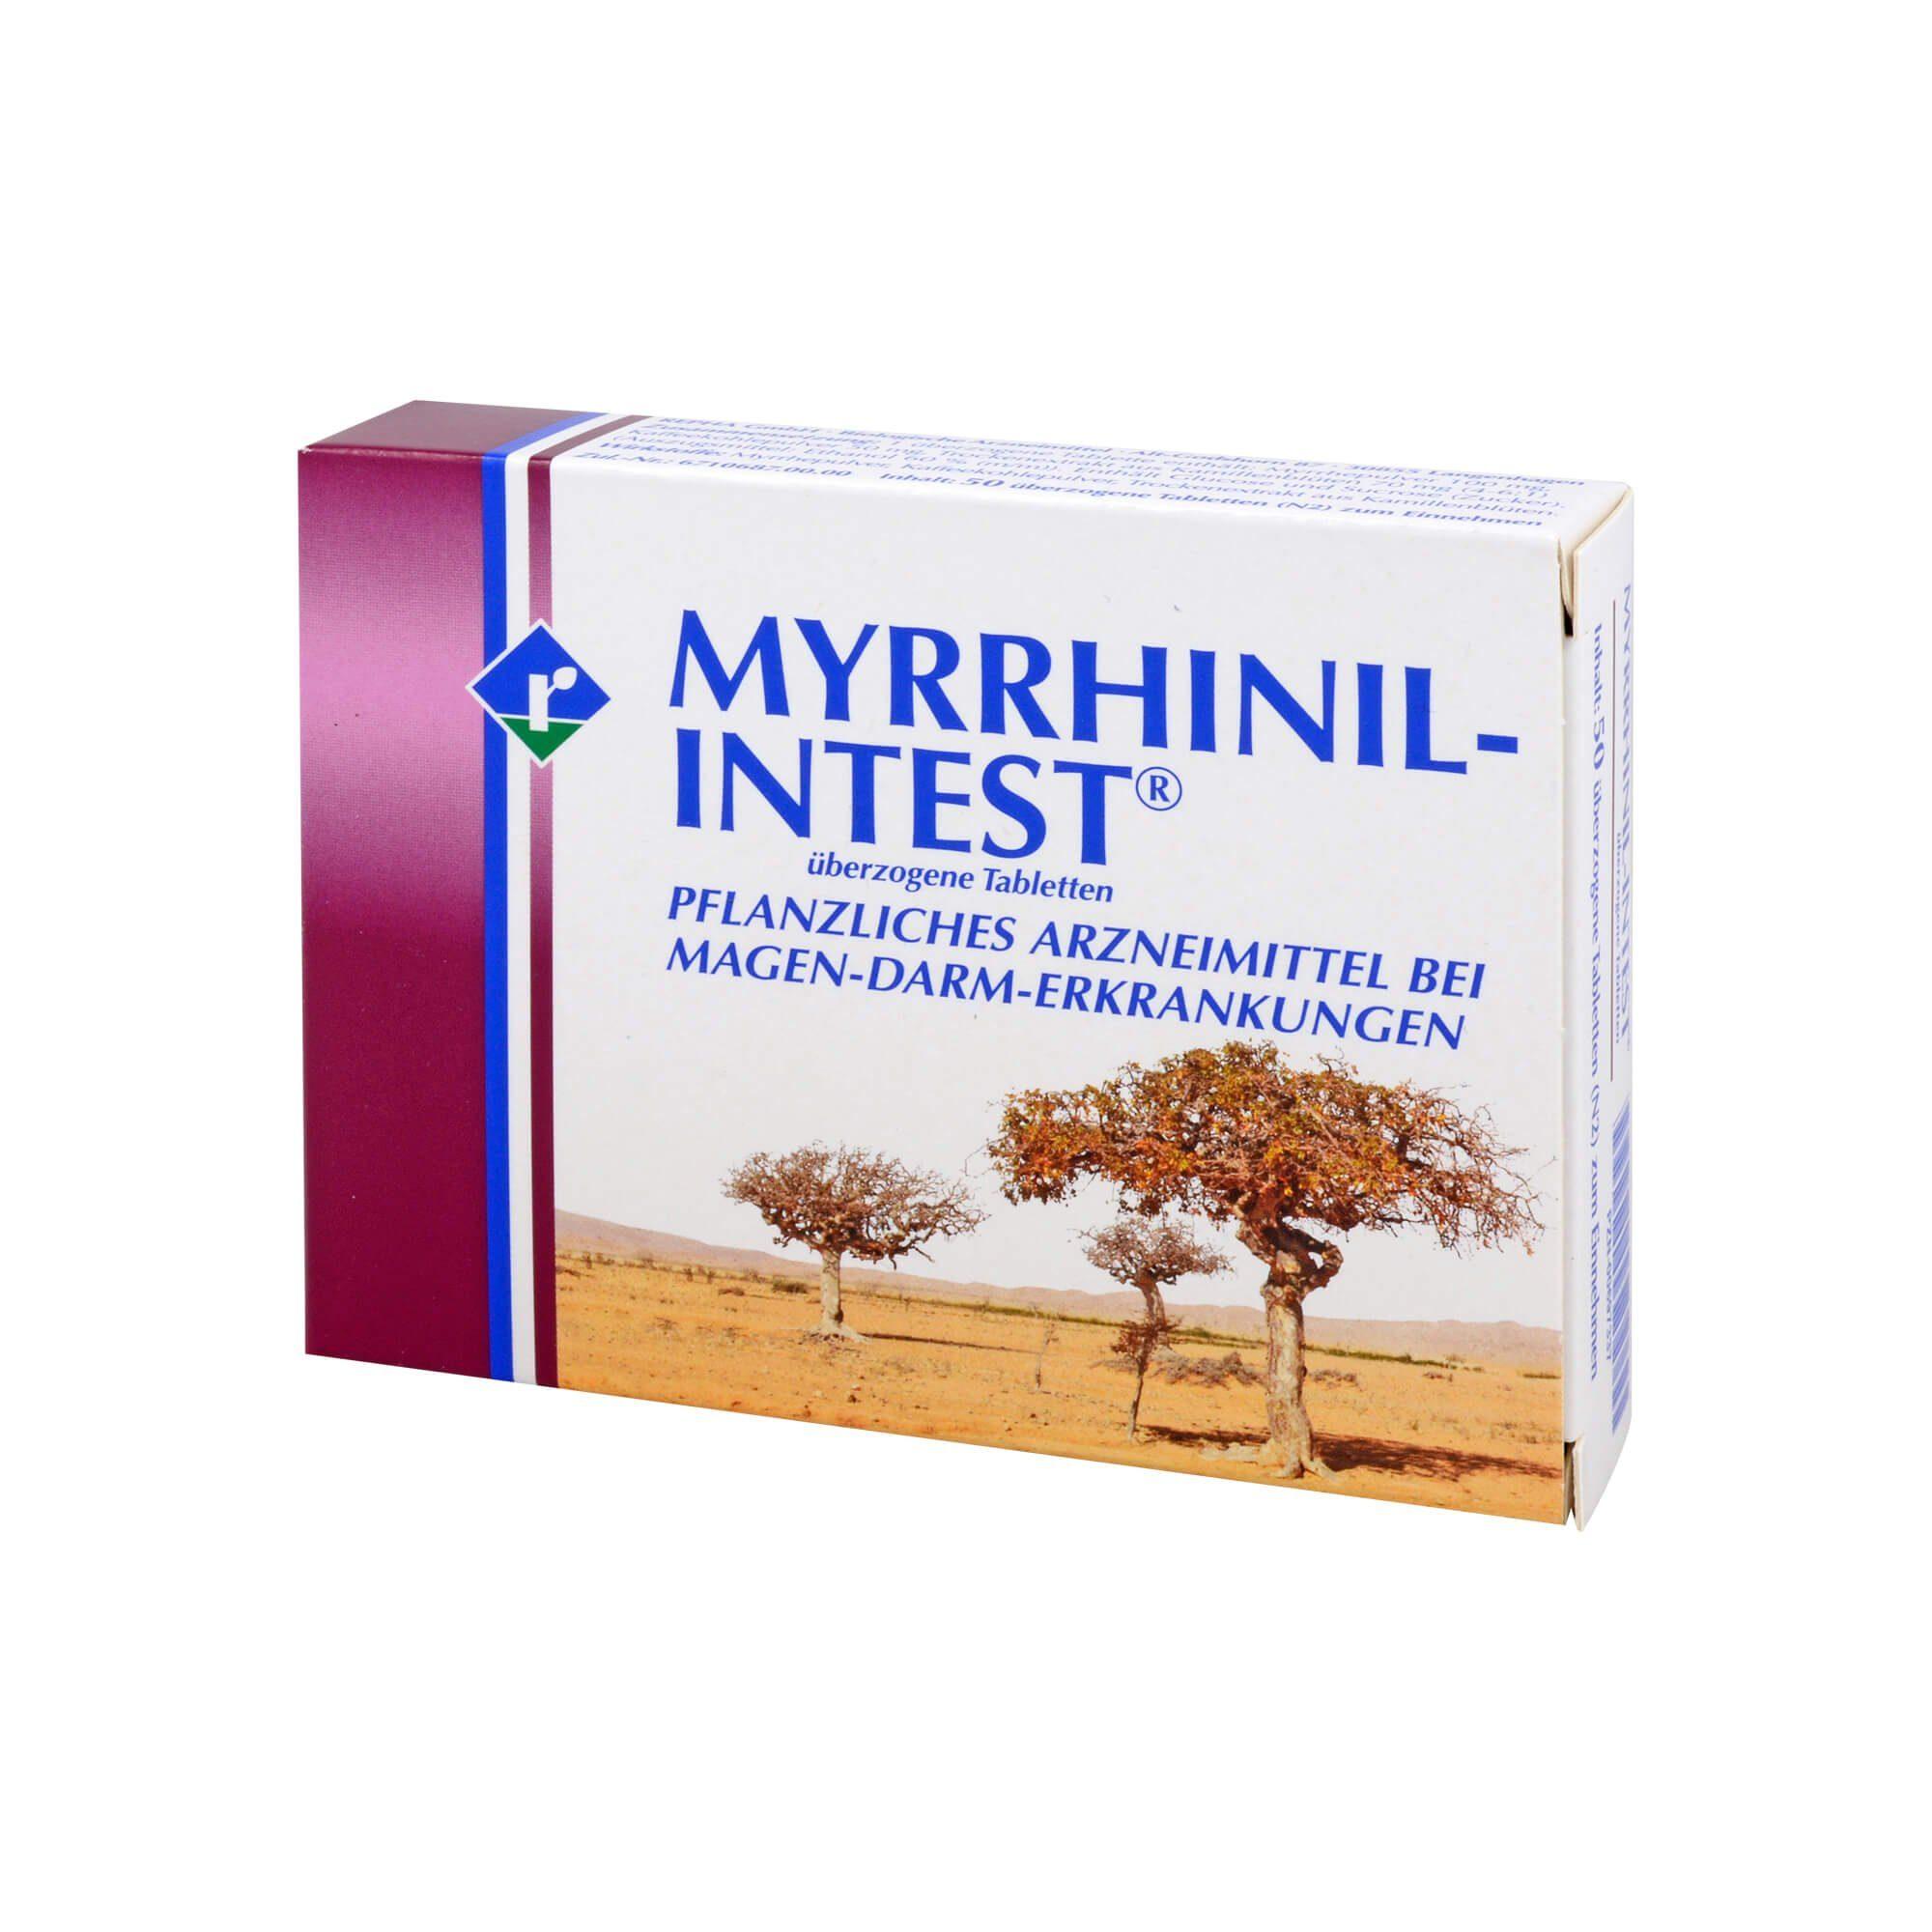 Myrrhinil Intest Überzogene Tabletten, 500 St